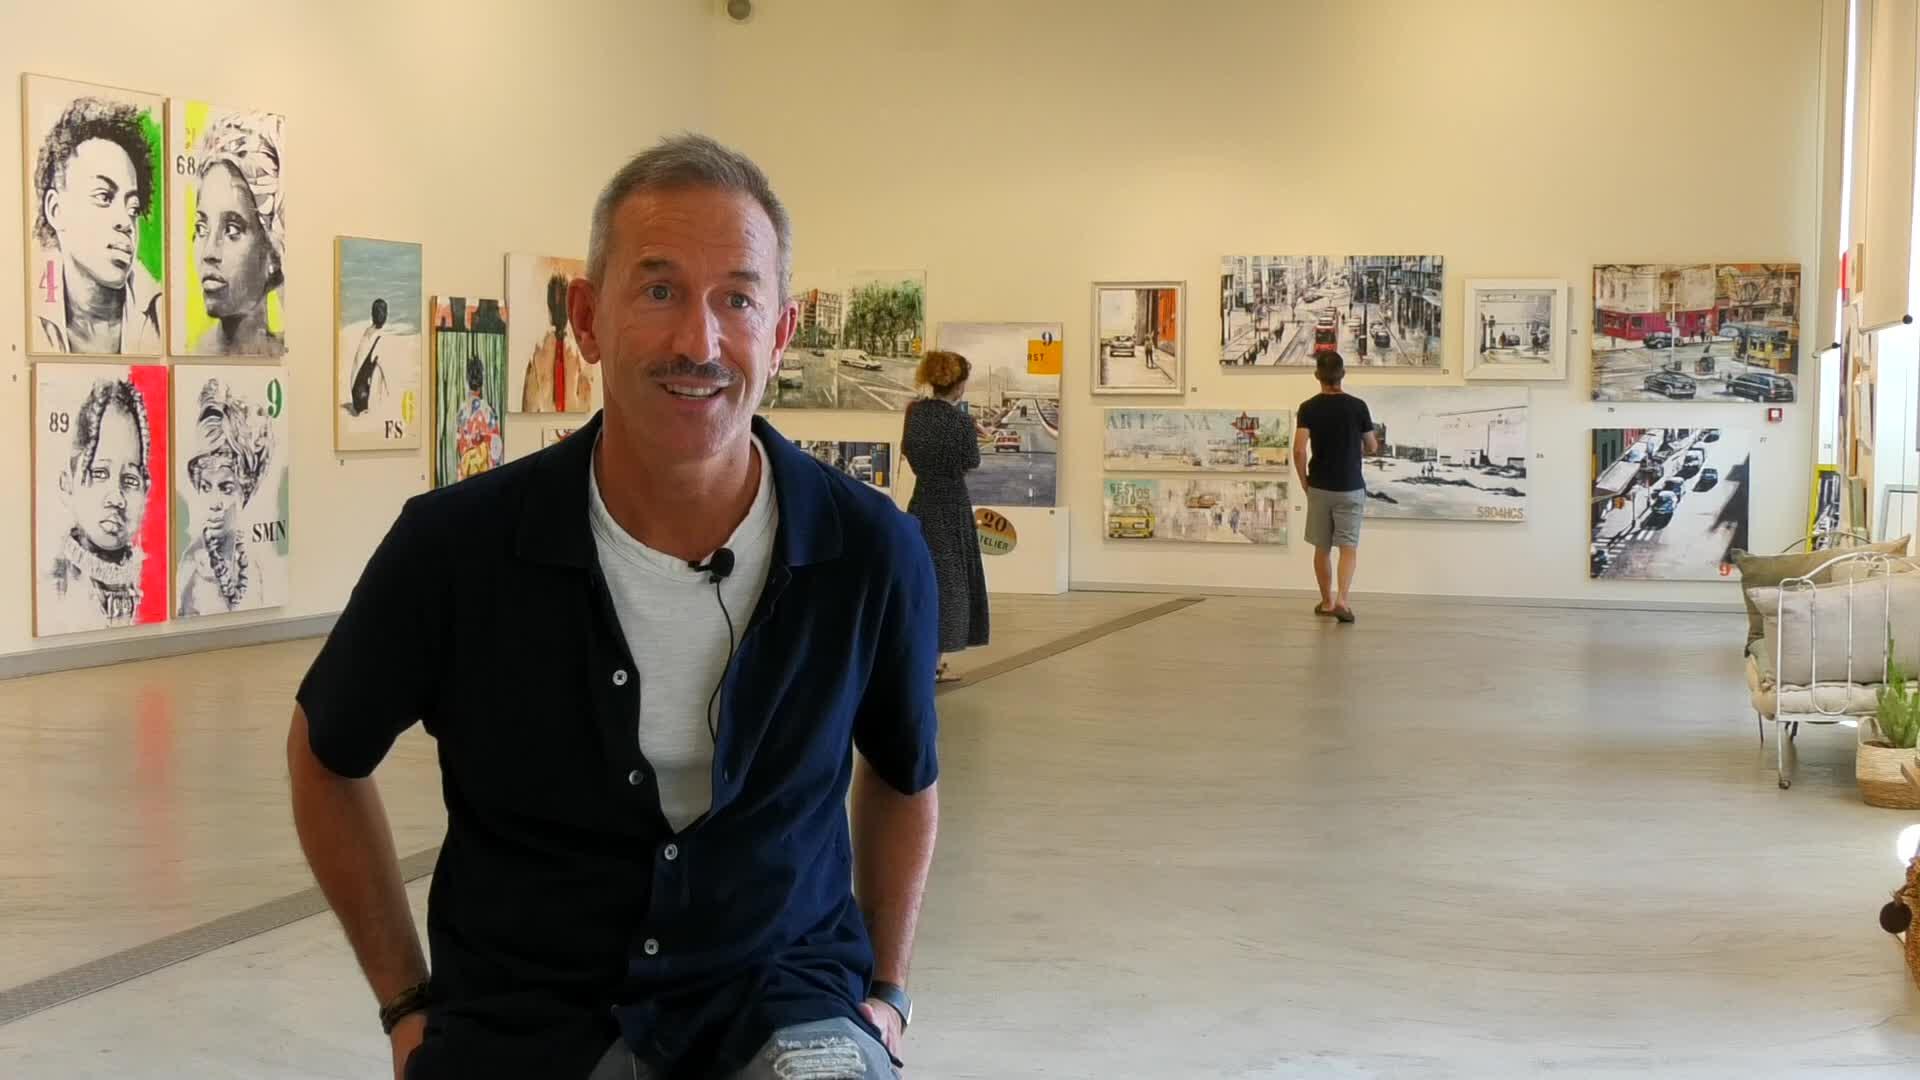 'L'atelier bat' erakusketa ireki du Pedro Luengo margolariak Zumaiako Oxford aretoan